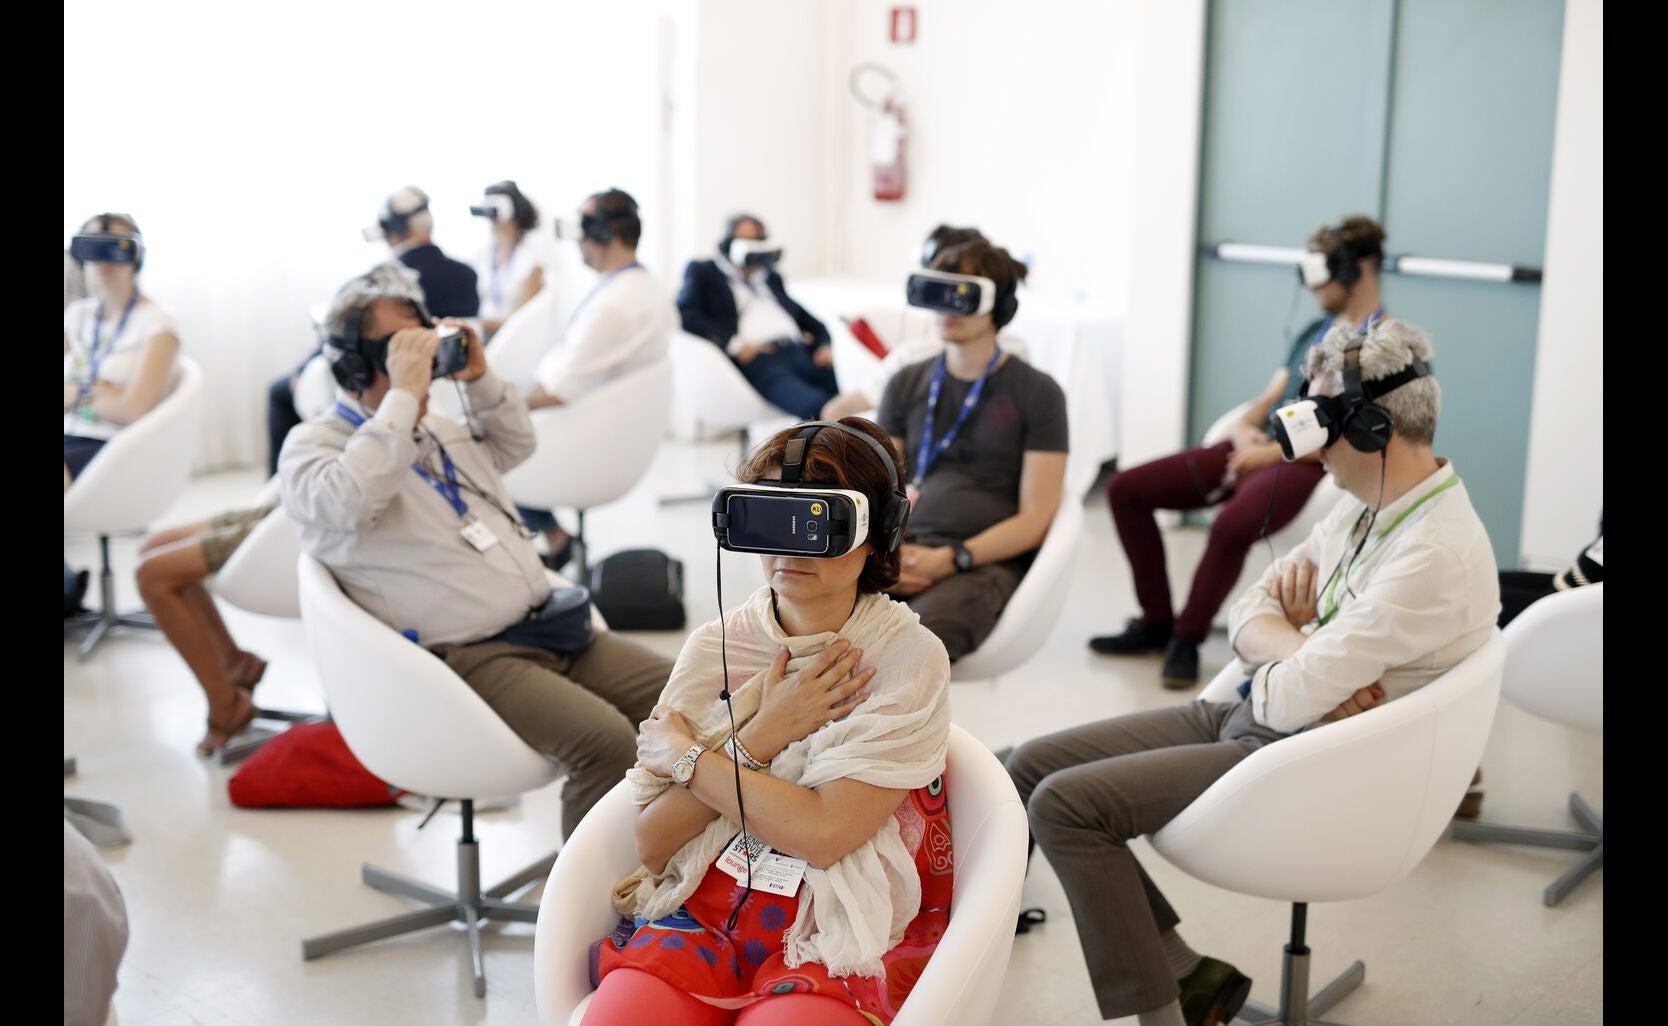 Virtual reality at Vencie 2016